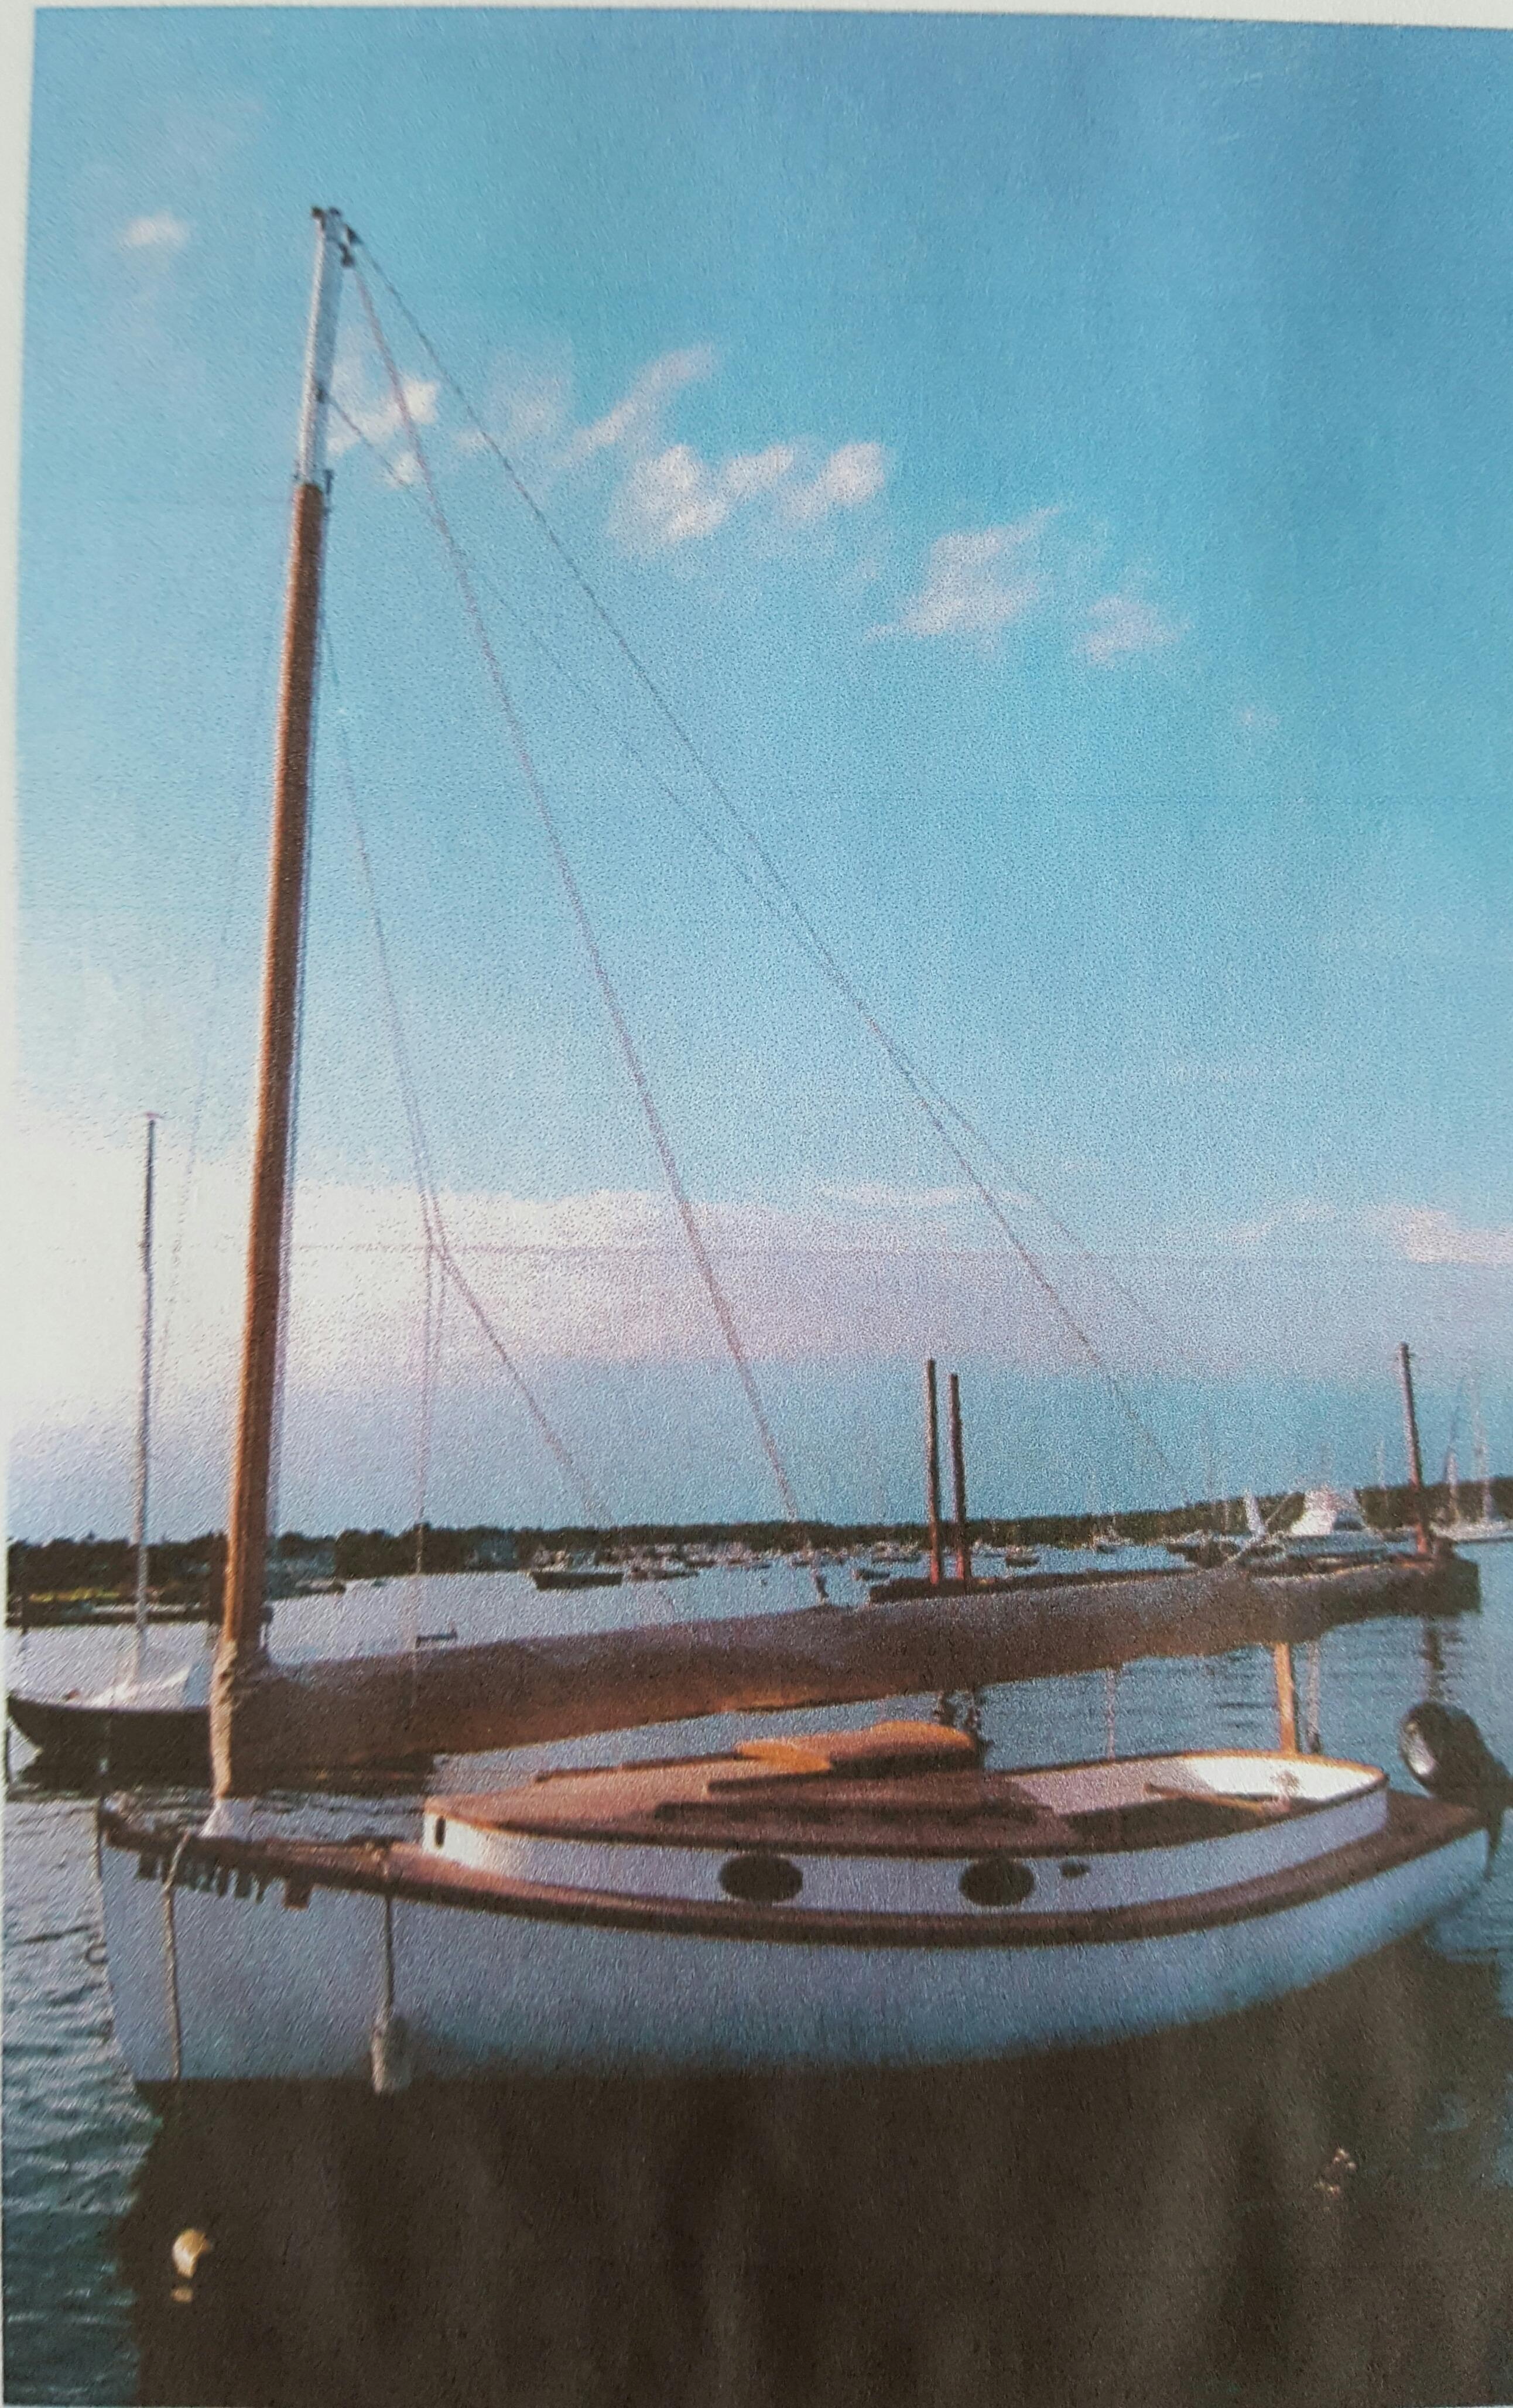 Marshall CatboatSanderling